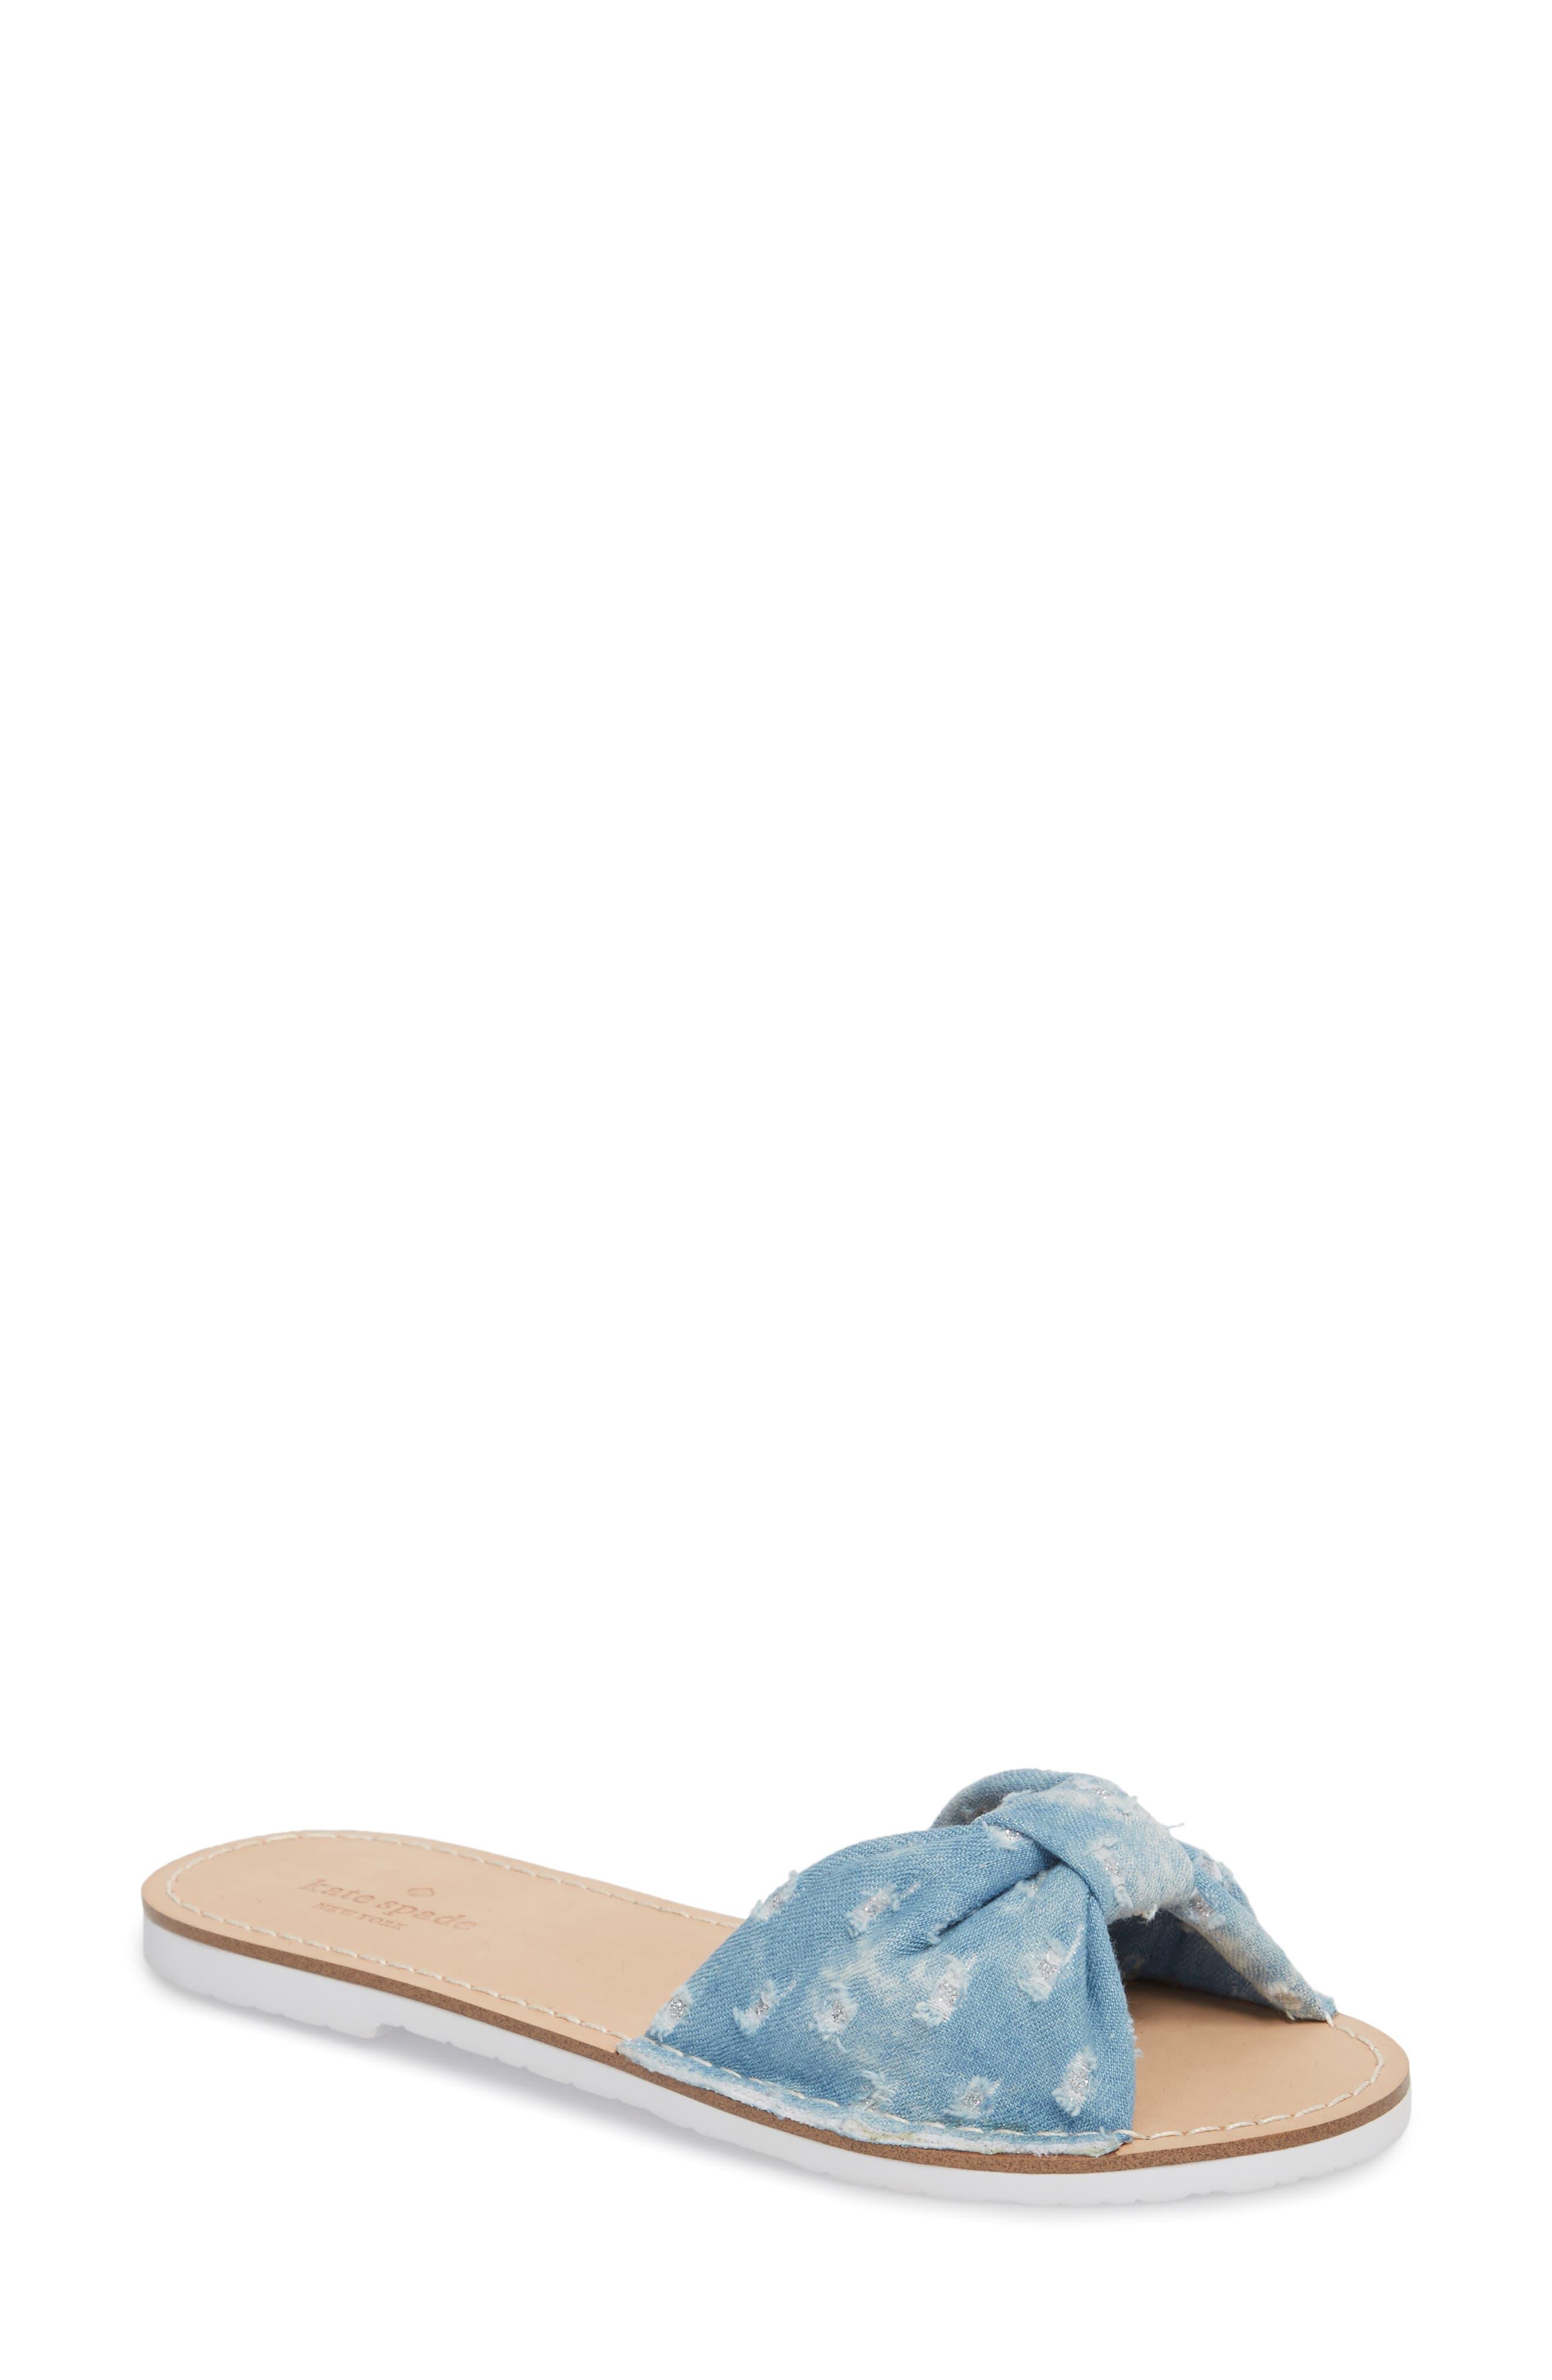 indi slide sandal,                             Main thumbnail 1, color,